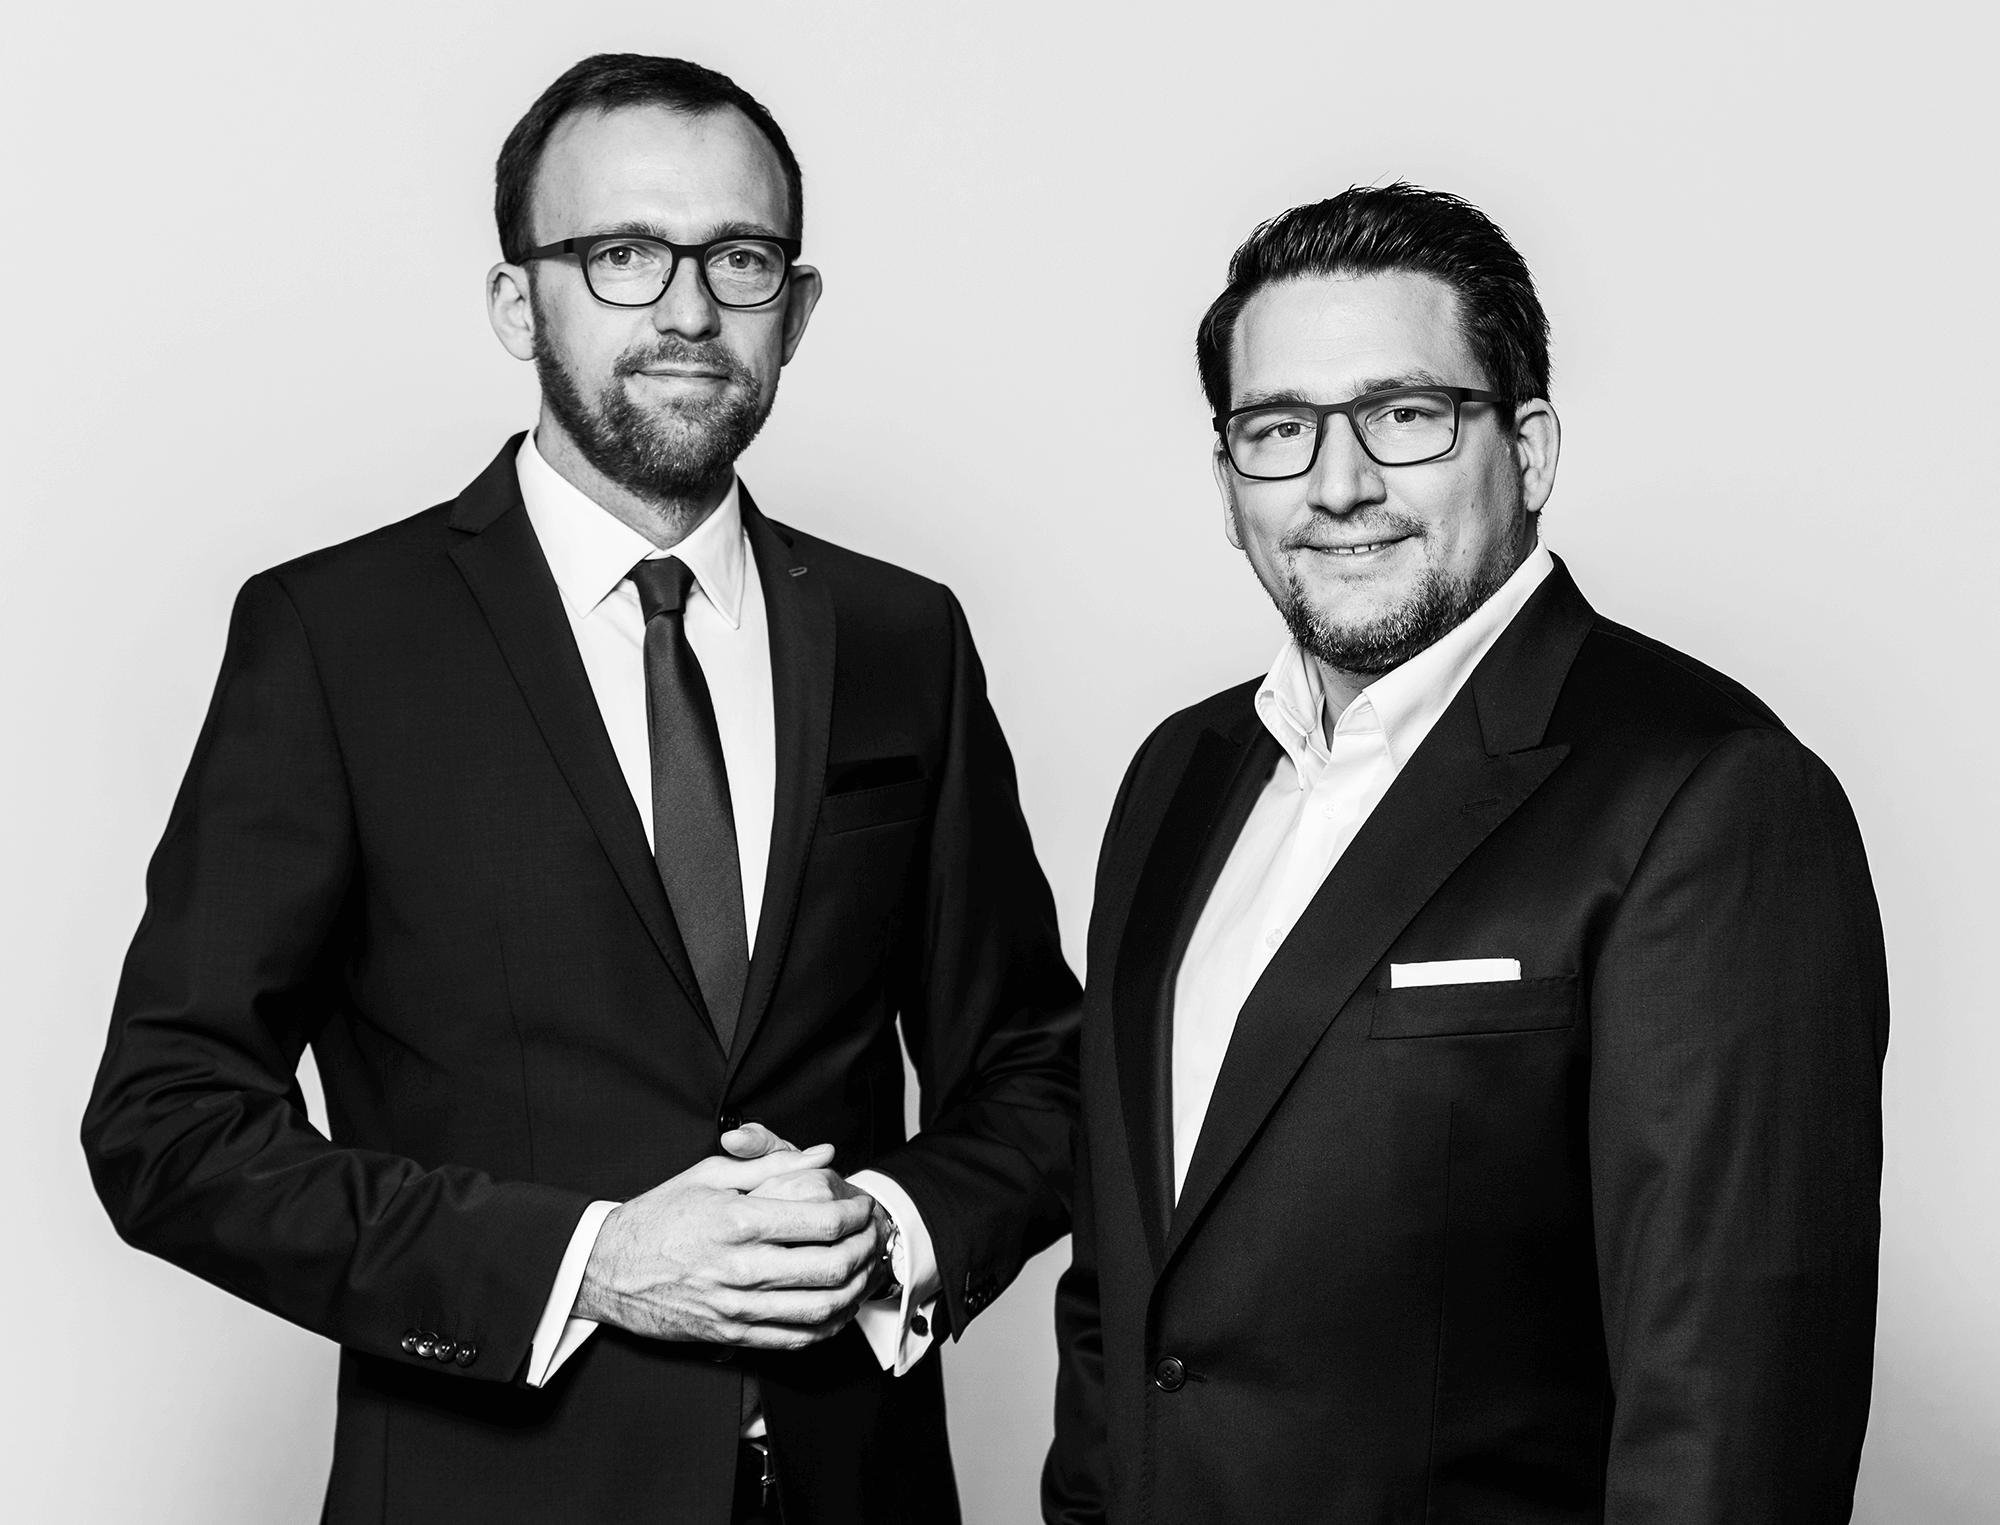 Notar Martin Krötz und Notar Stefan Mattes